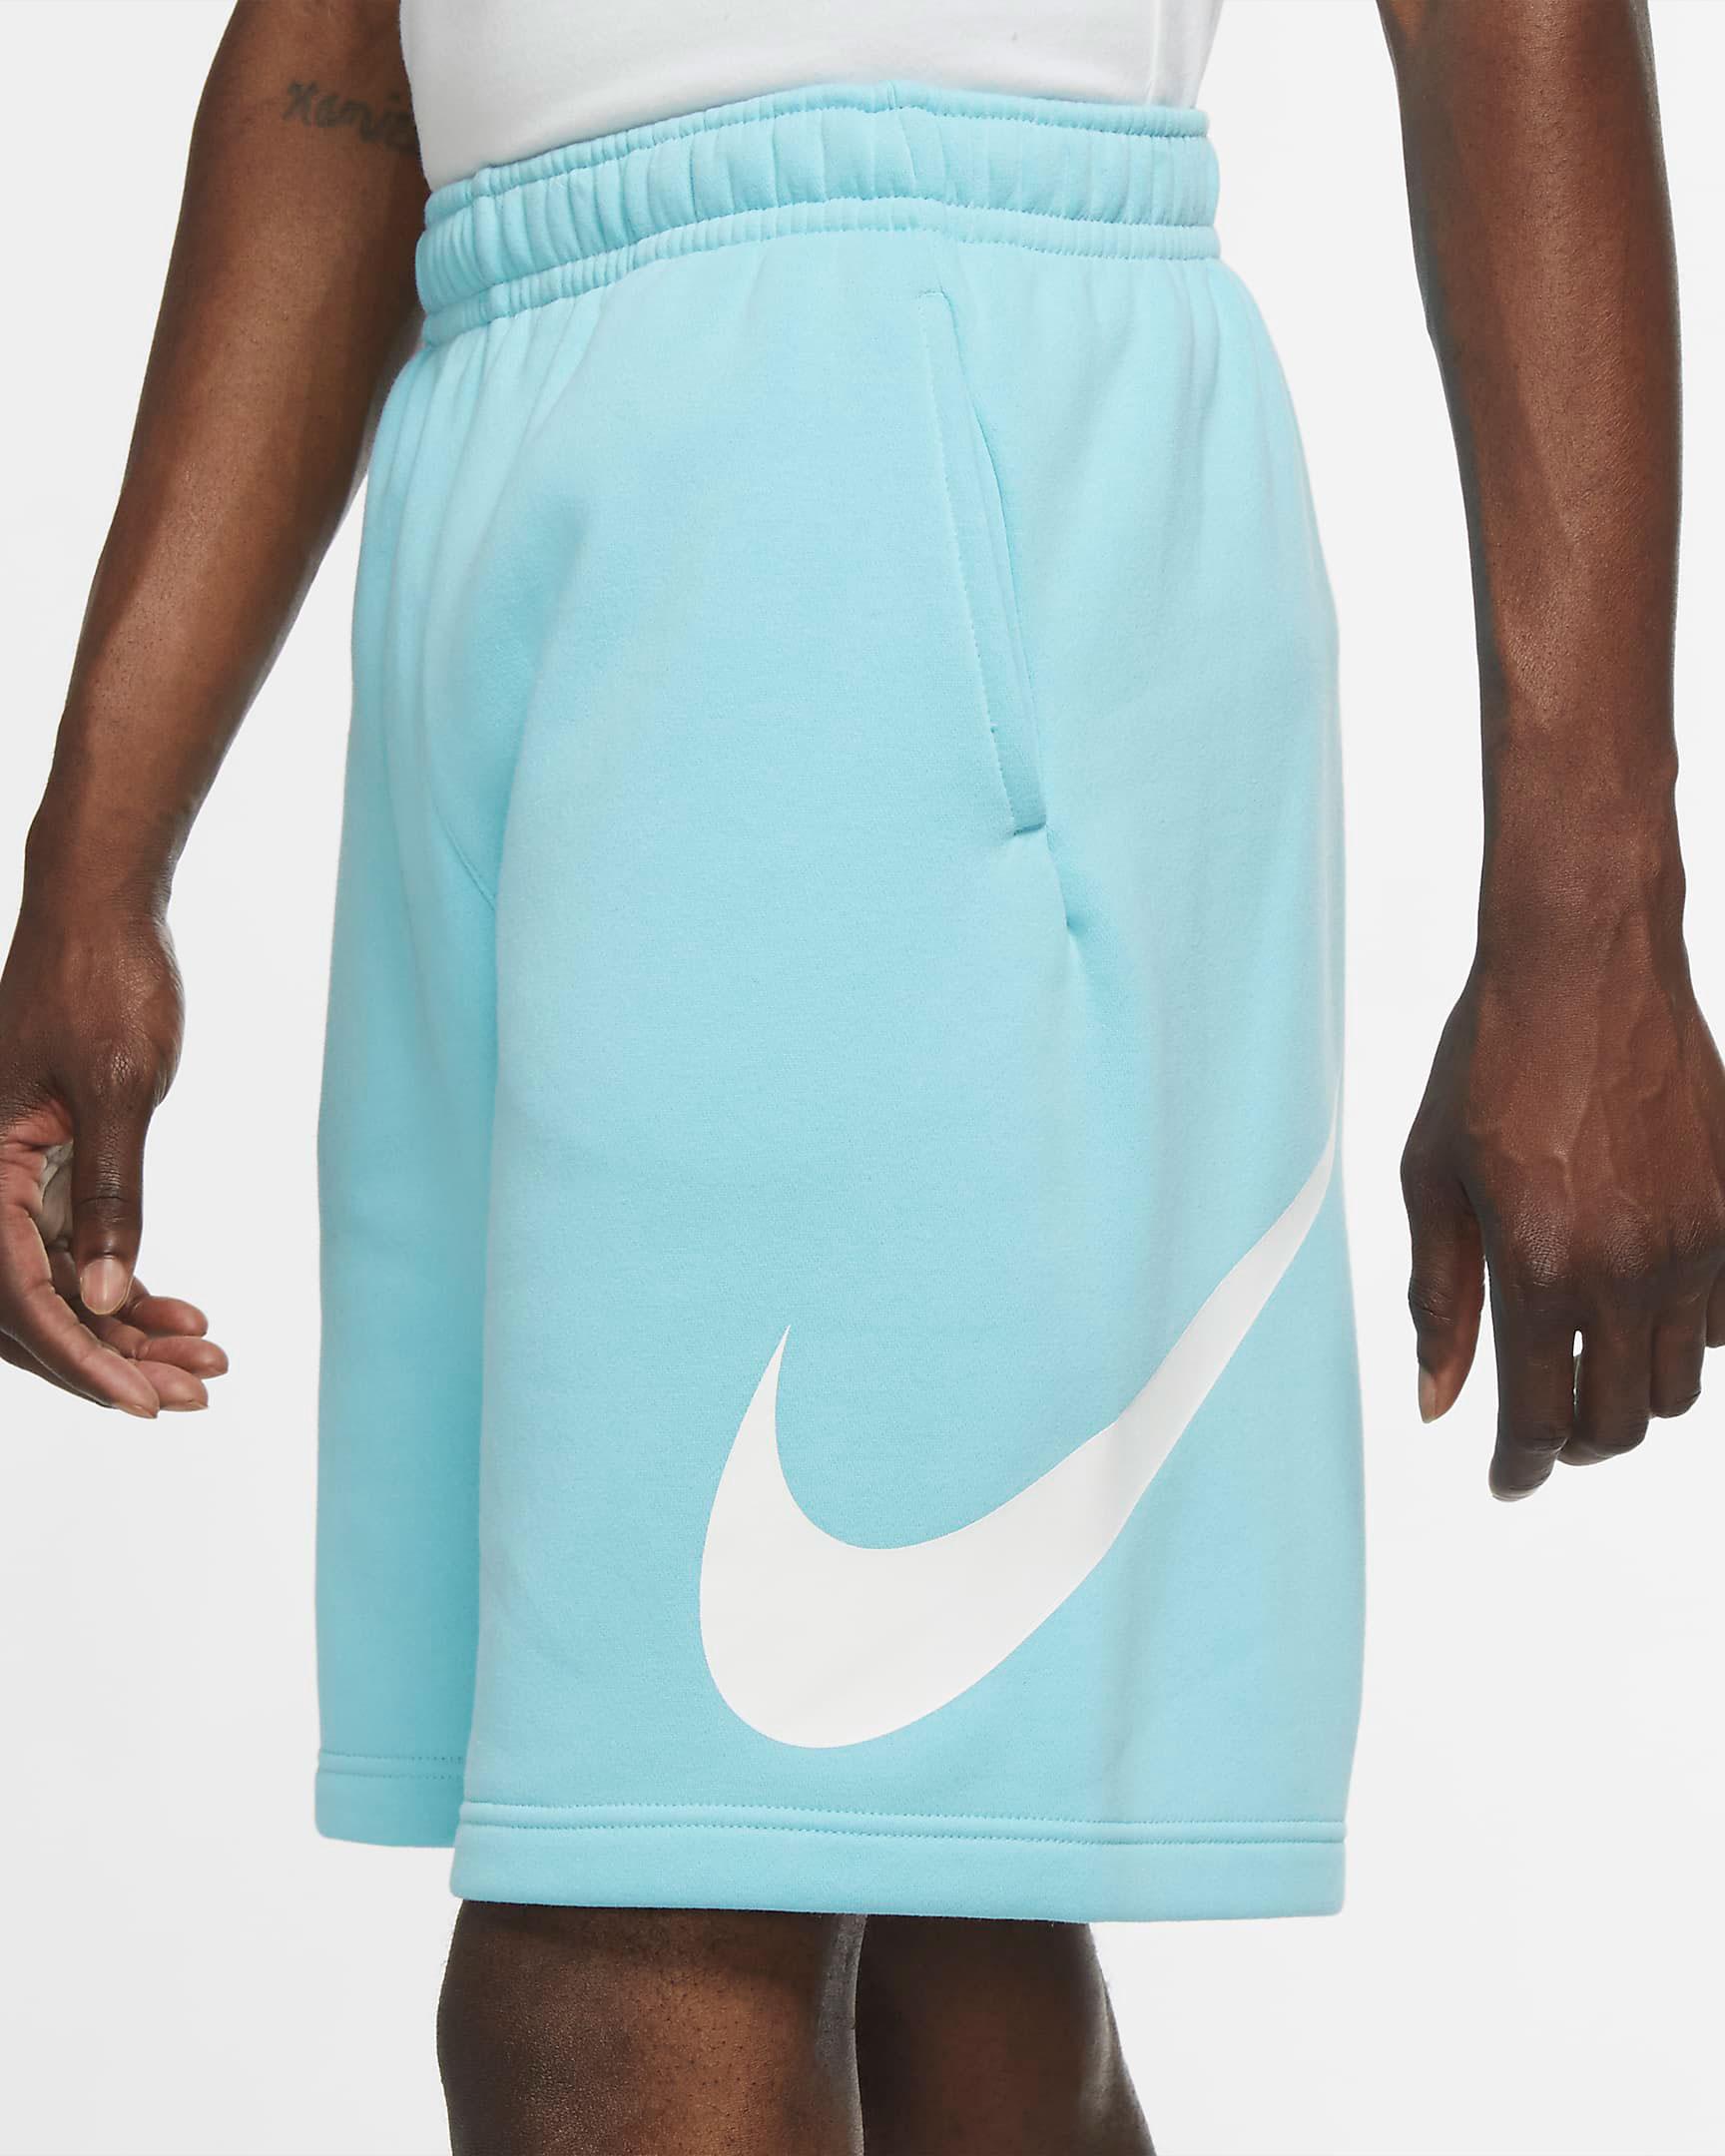 nike-sb-dunk-low-elephant-shorts